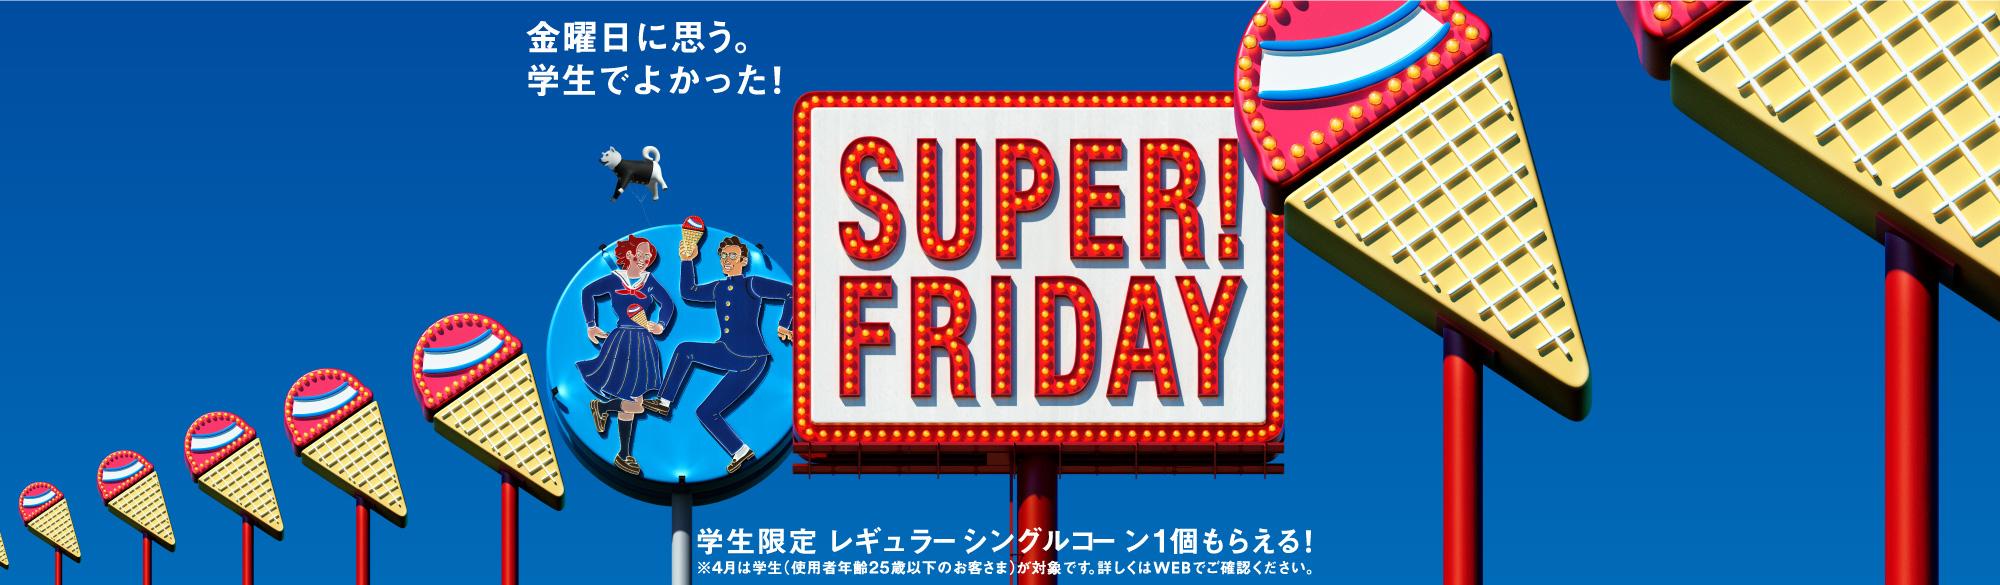 金曜日が好き。 おごられるのはもっと好き。 SUPER FRIDAY